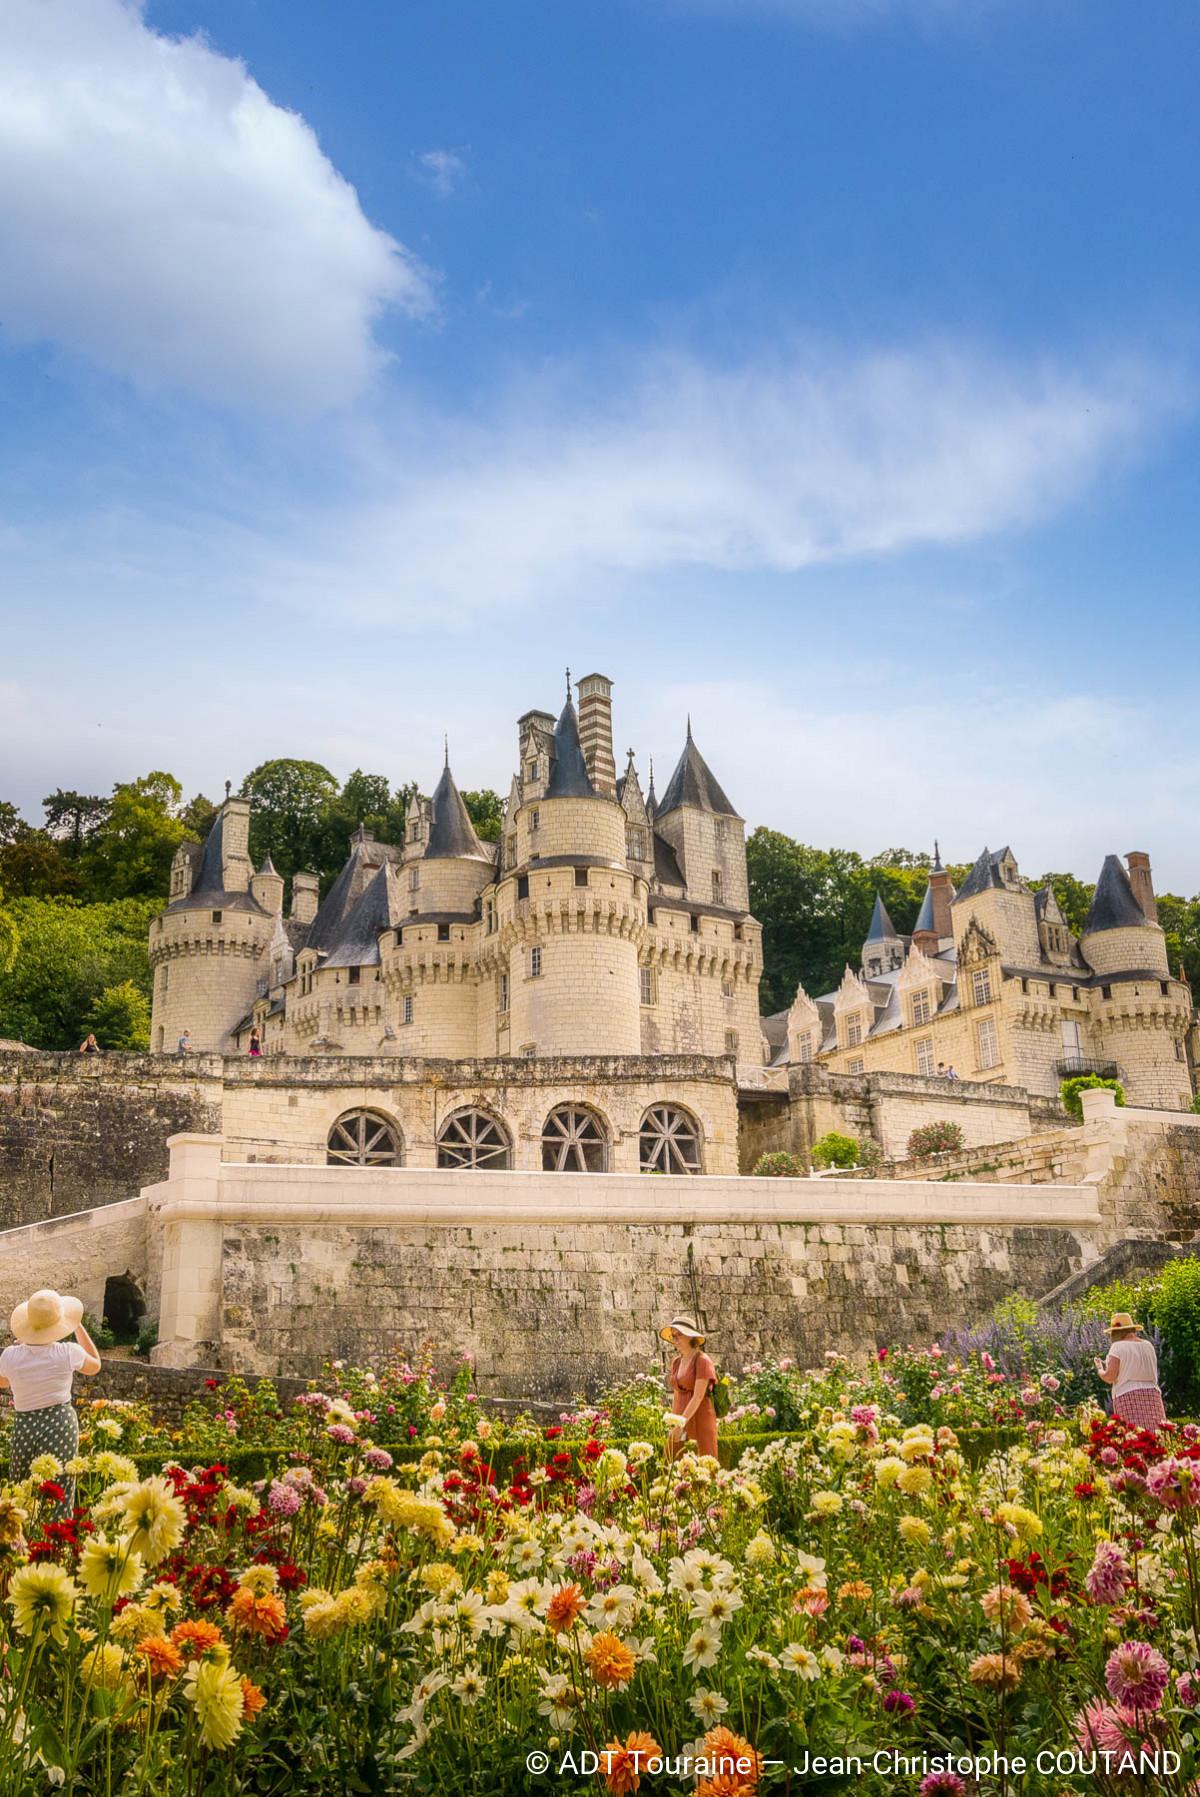 Parc de Fierbois: 1 Castle Dusse Jean Christophe Coutand 2029 12 31 Medium